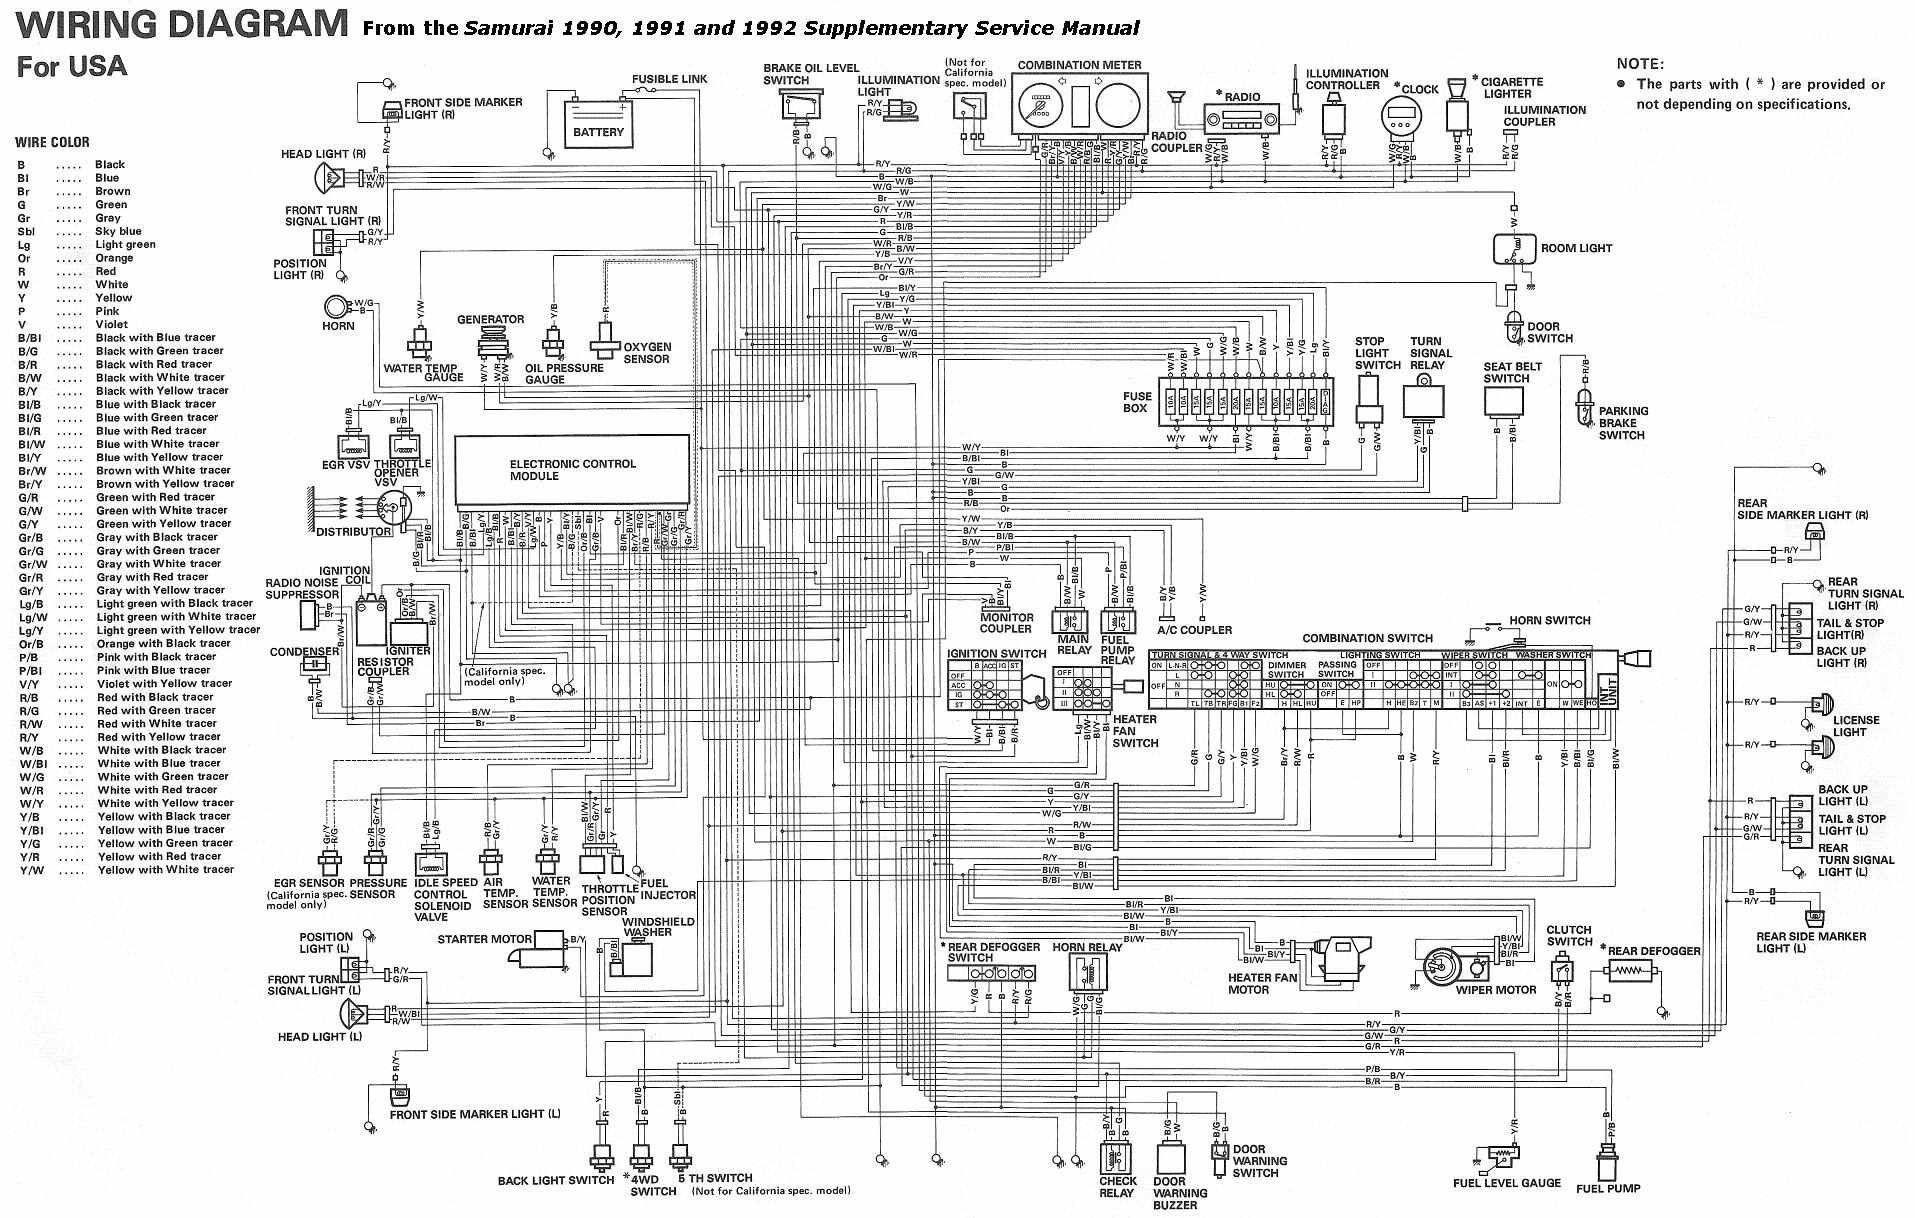 small resolution of suzuki x90 wiring diagram wiring schematic diagram 194suzuki x90 wiring diagram wiring schematic diagram 40 shanwu